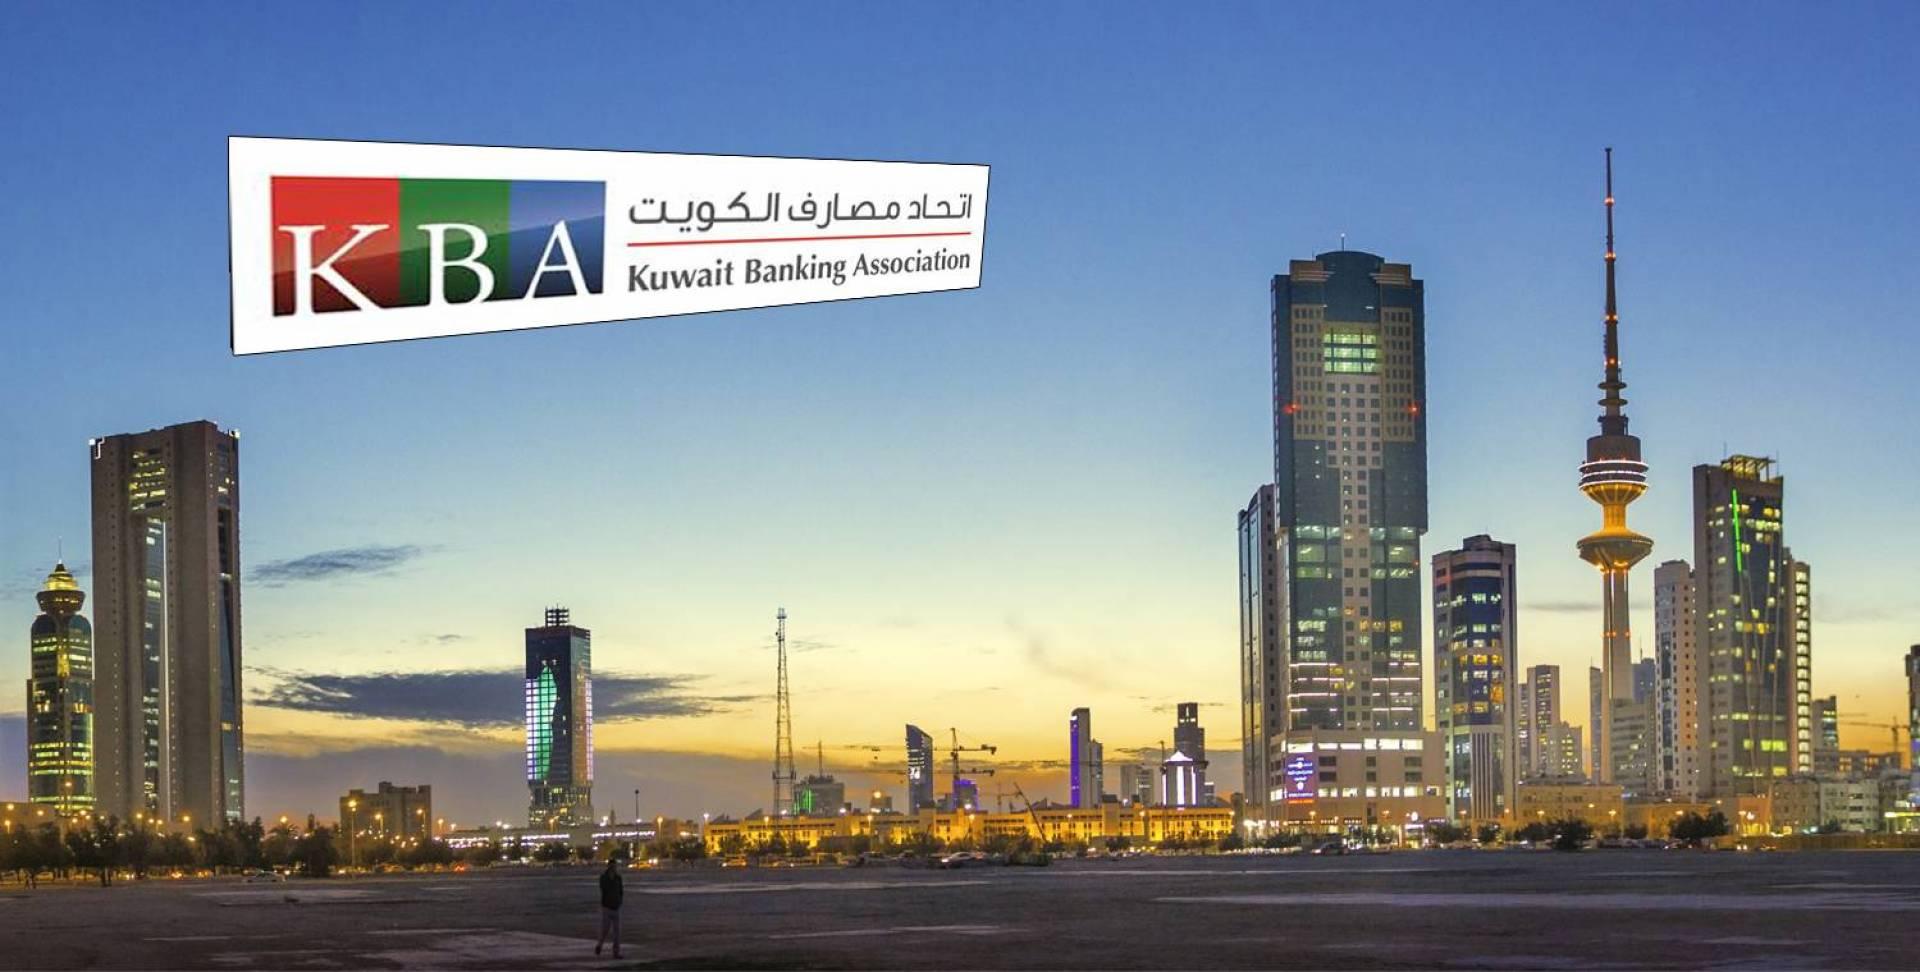 «مصارف الكويت»: عطلة البنوك في عيد الأضحى من 10 إلى 13 الجاري